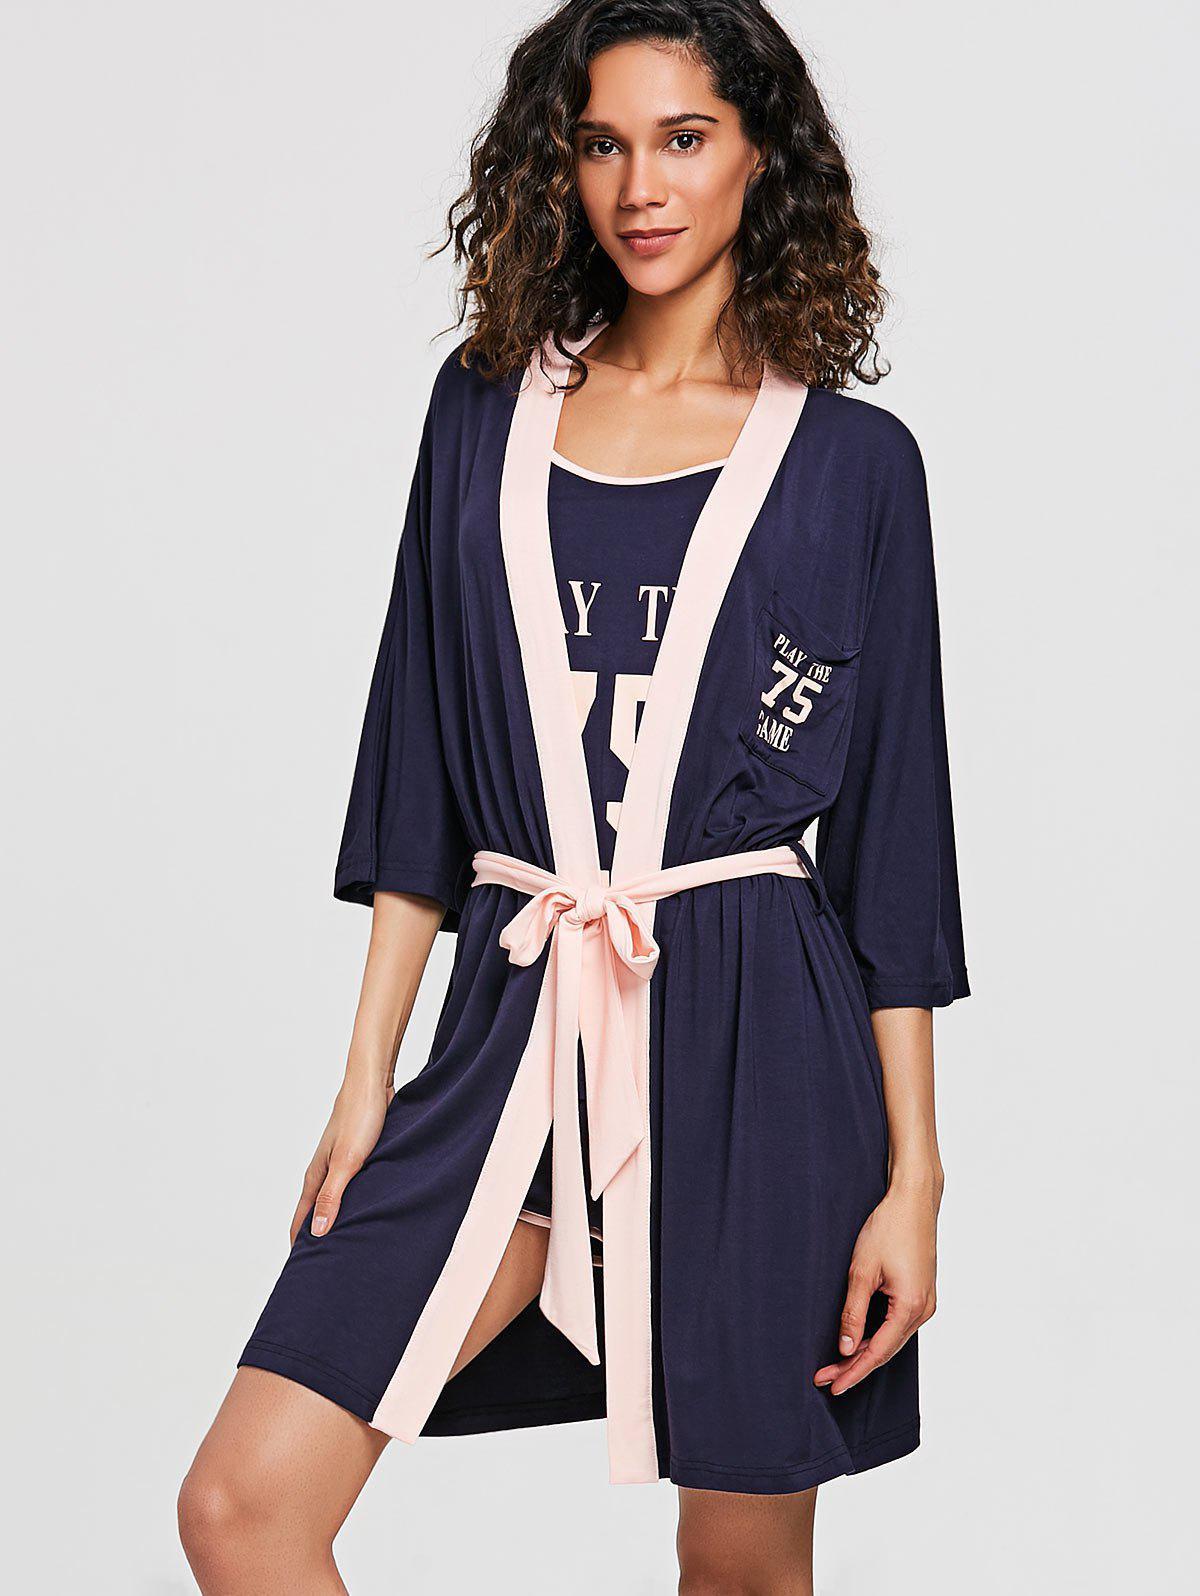 Graphic Three piece Pajamas Robe Set 260394801